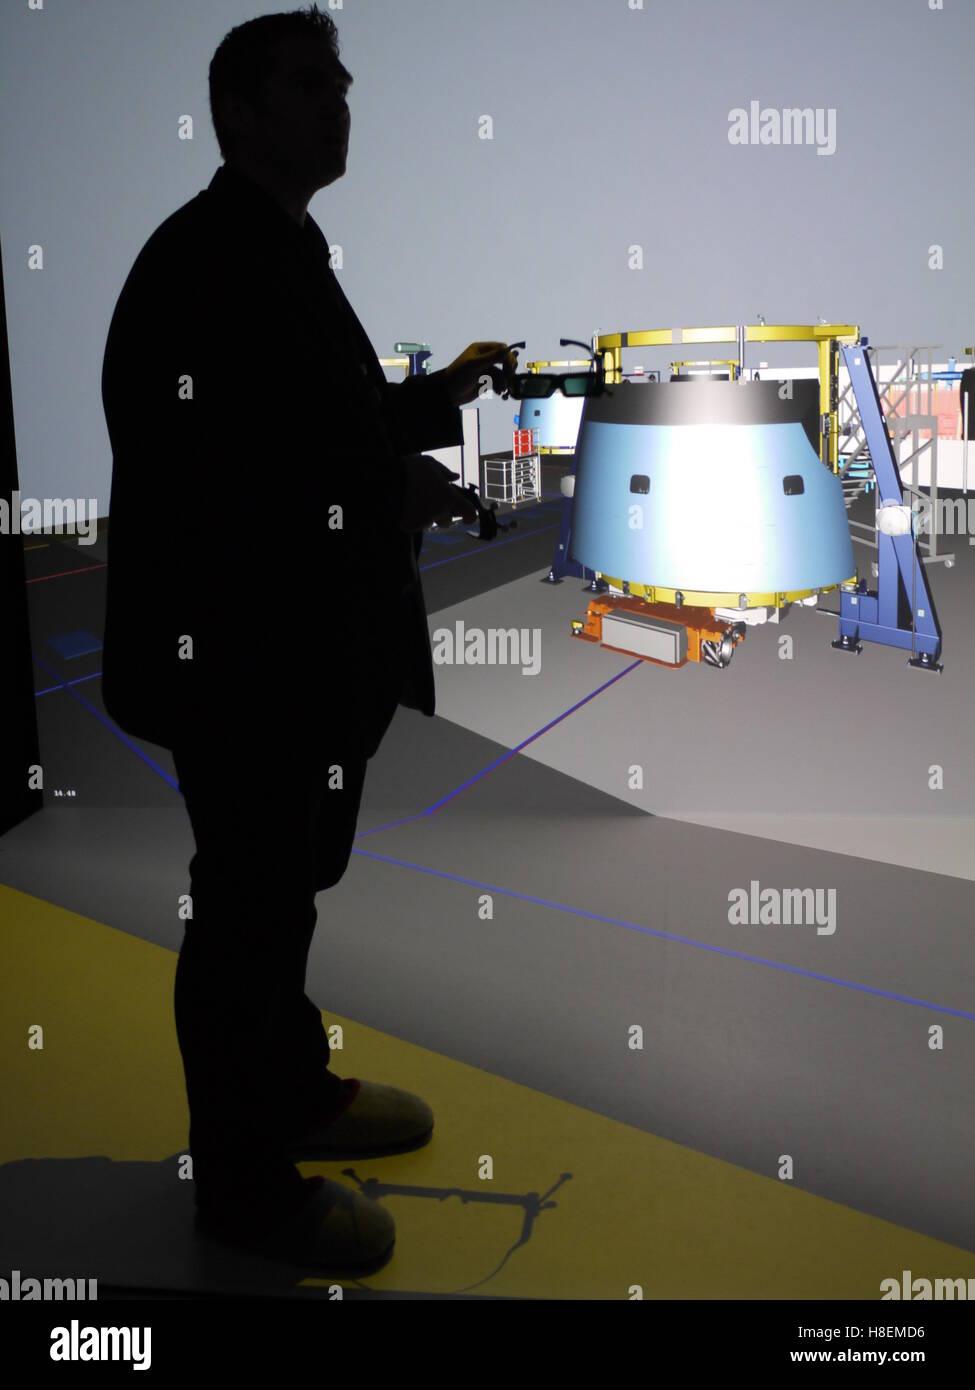 Une réalité virtuelle 3D visualization system est utilisé pour organiser la production à l'usine Photo Stock